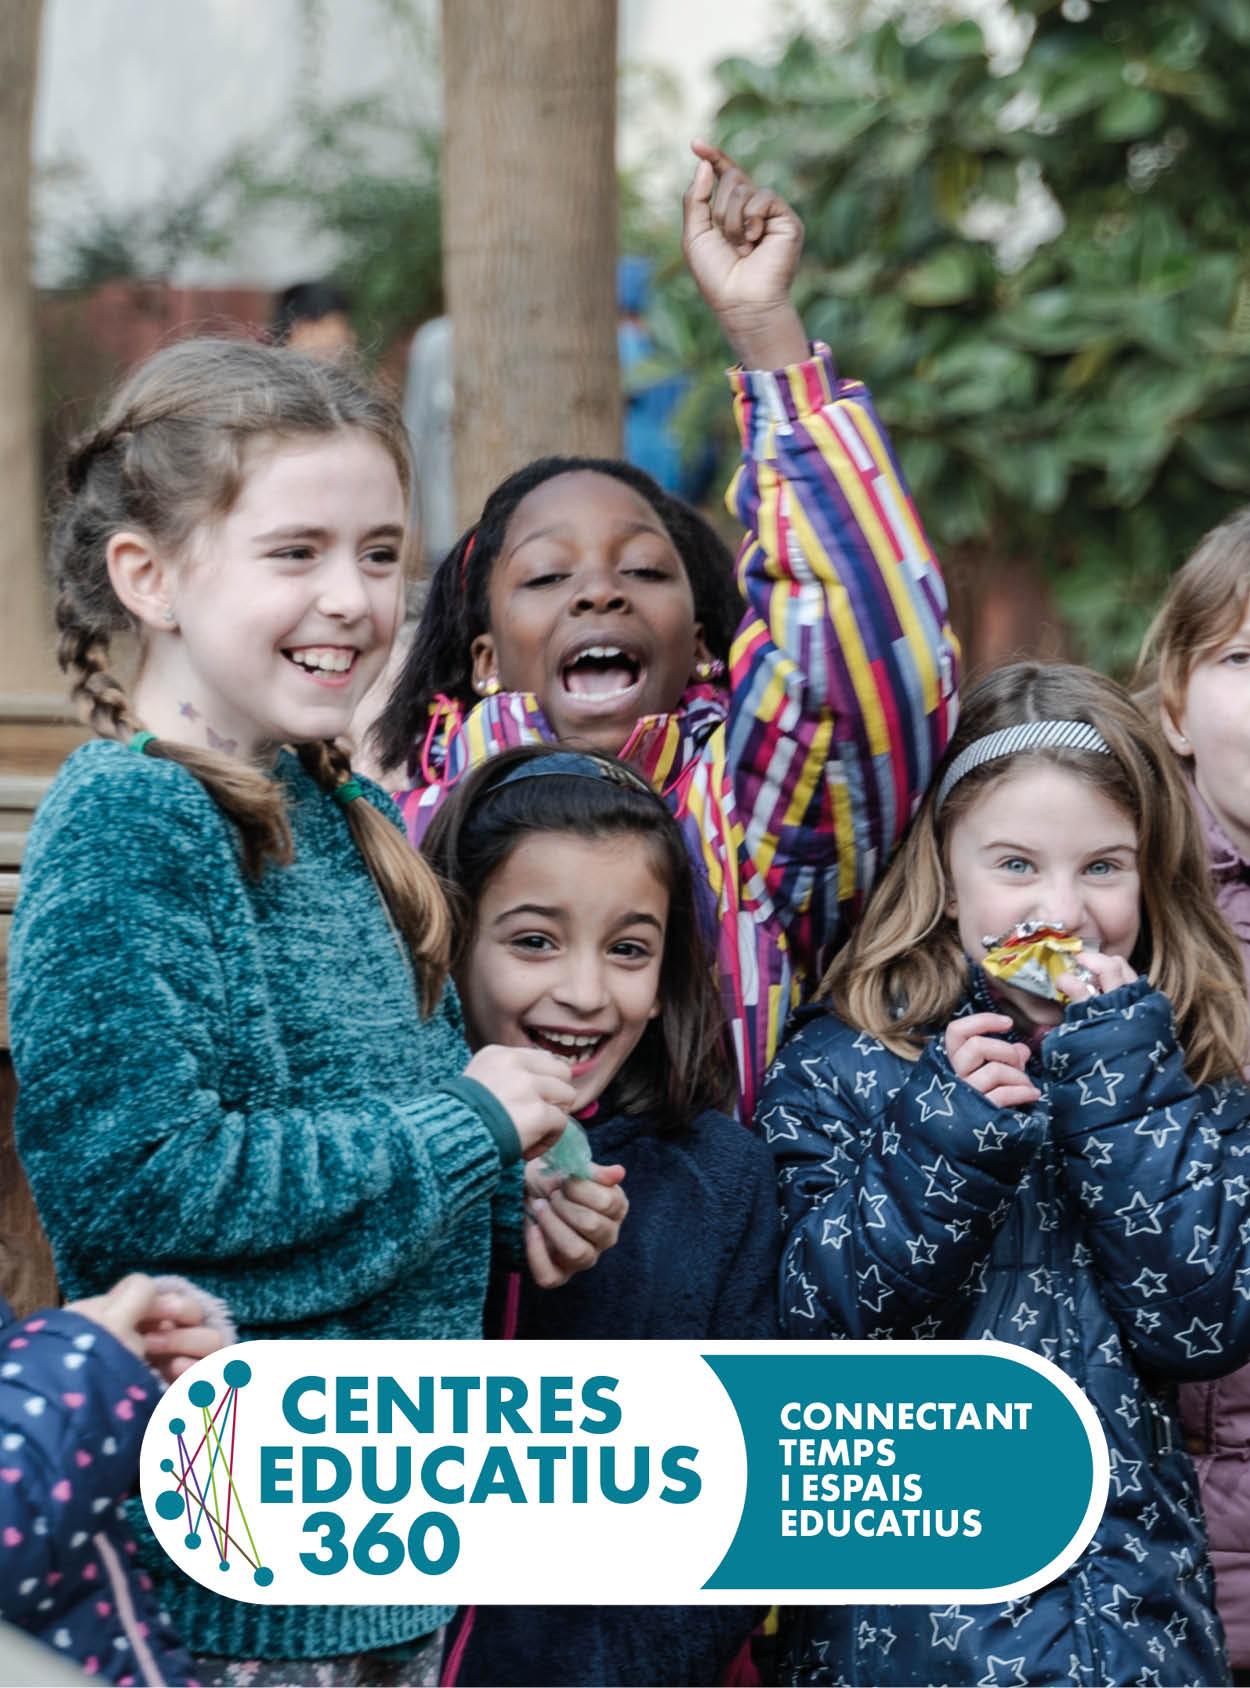 Més i millors oportunitats d'aprenentatge: el rol dels centres educatius 360